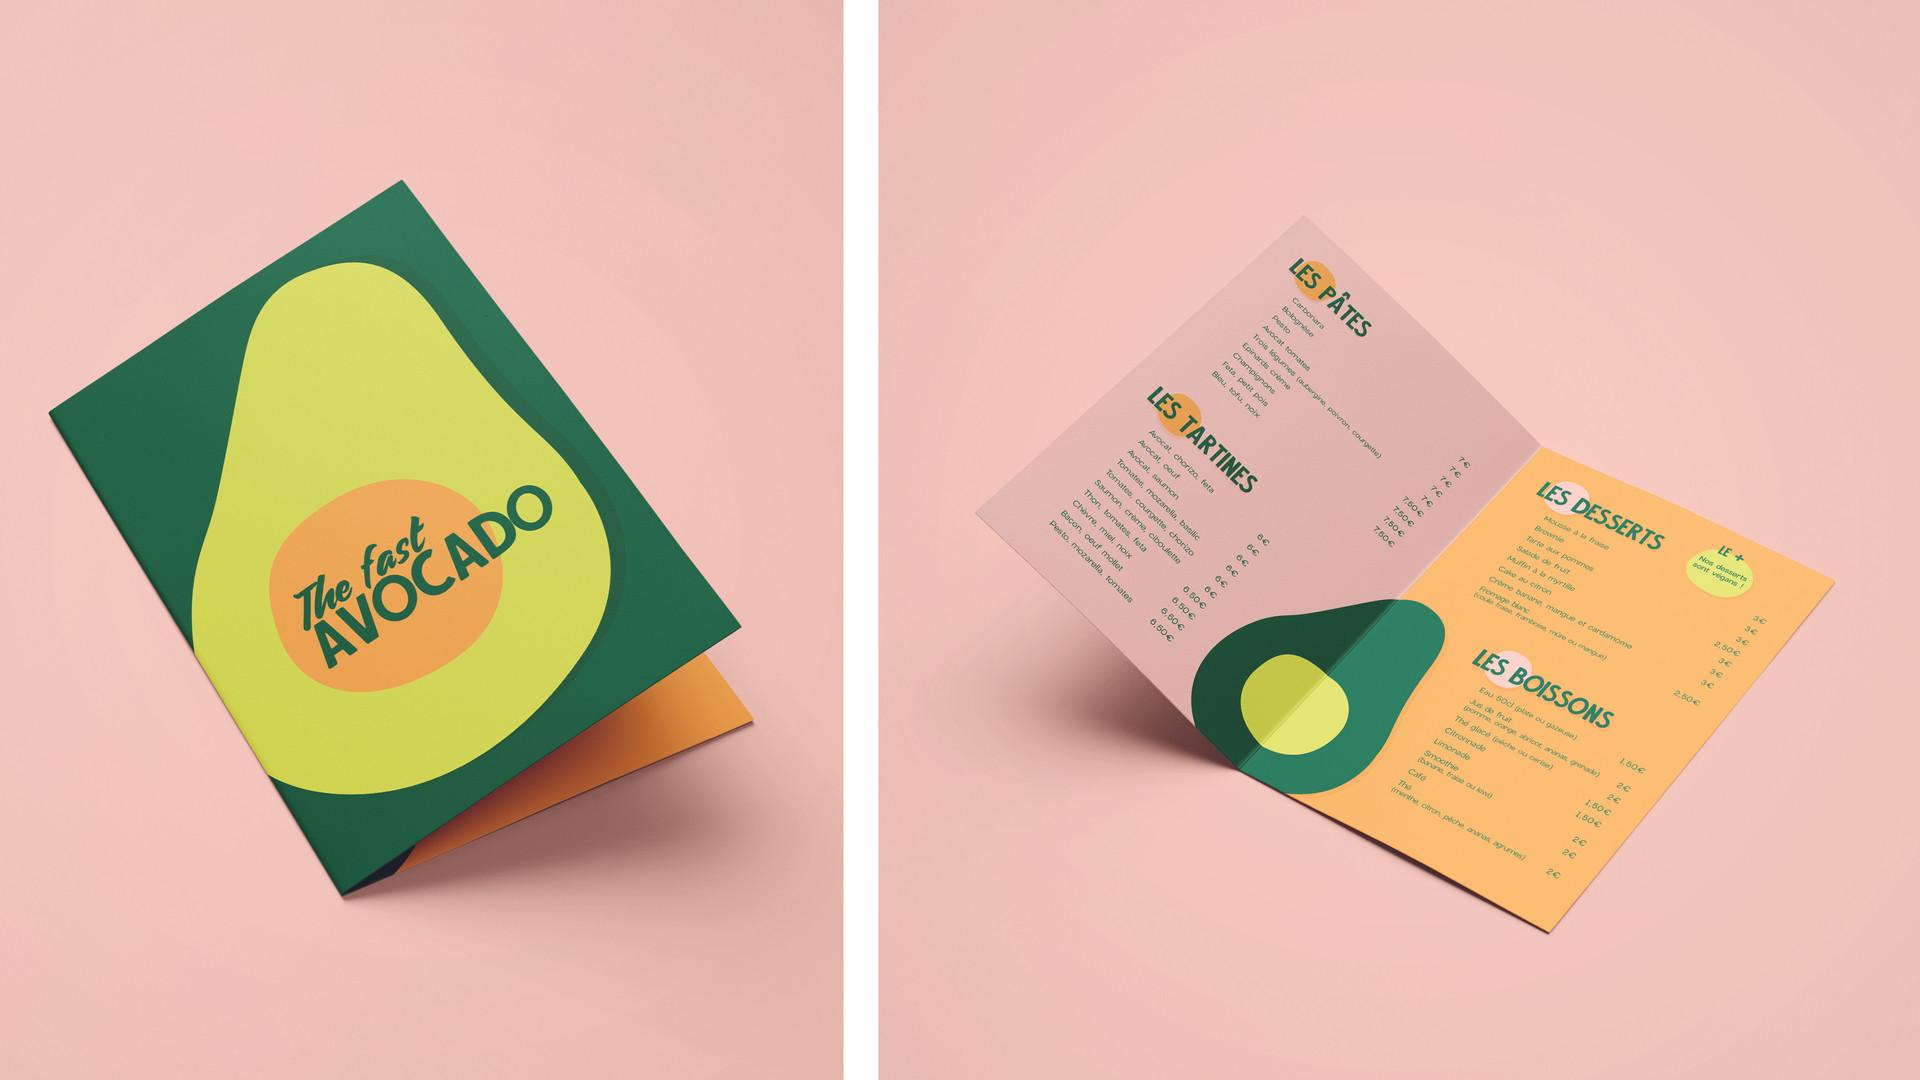 Menu The fast avocado